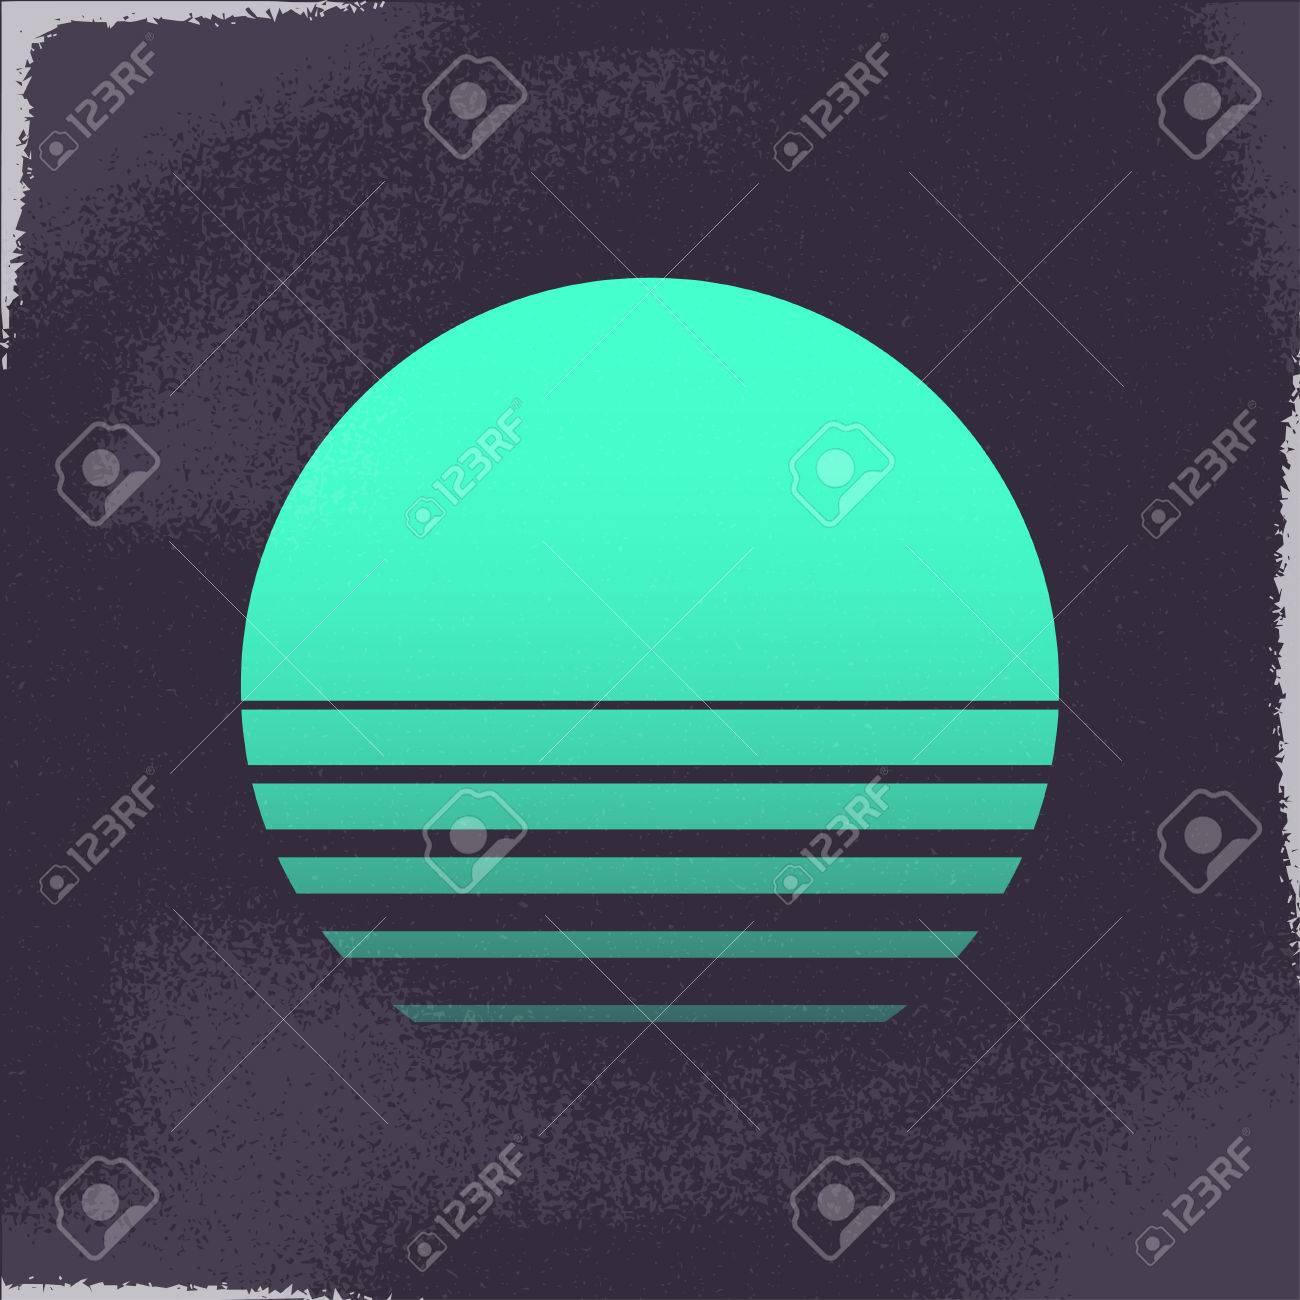 80s Retro Sci-Fi Background. - 61131809